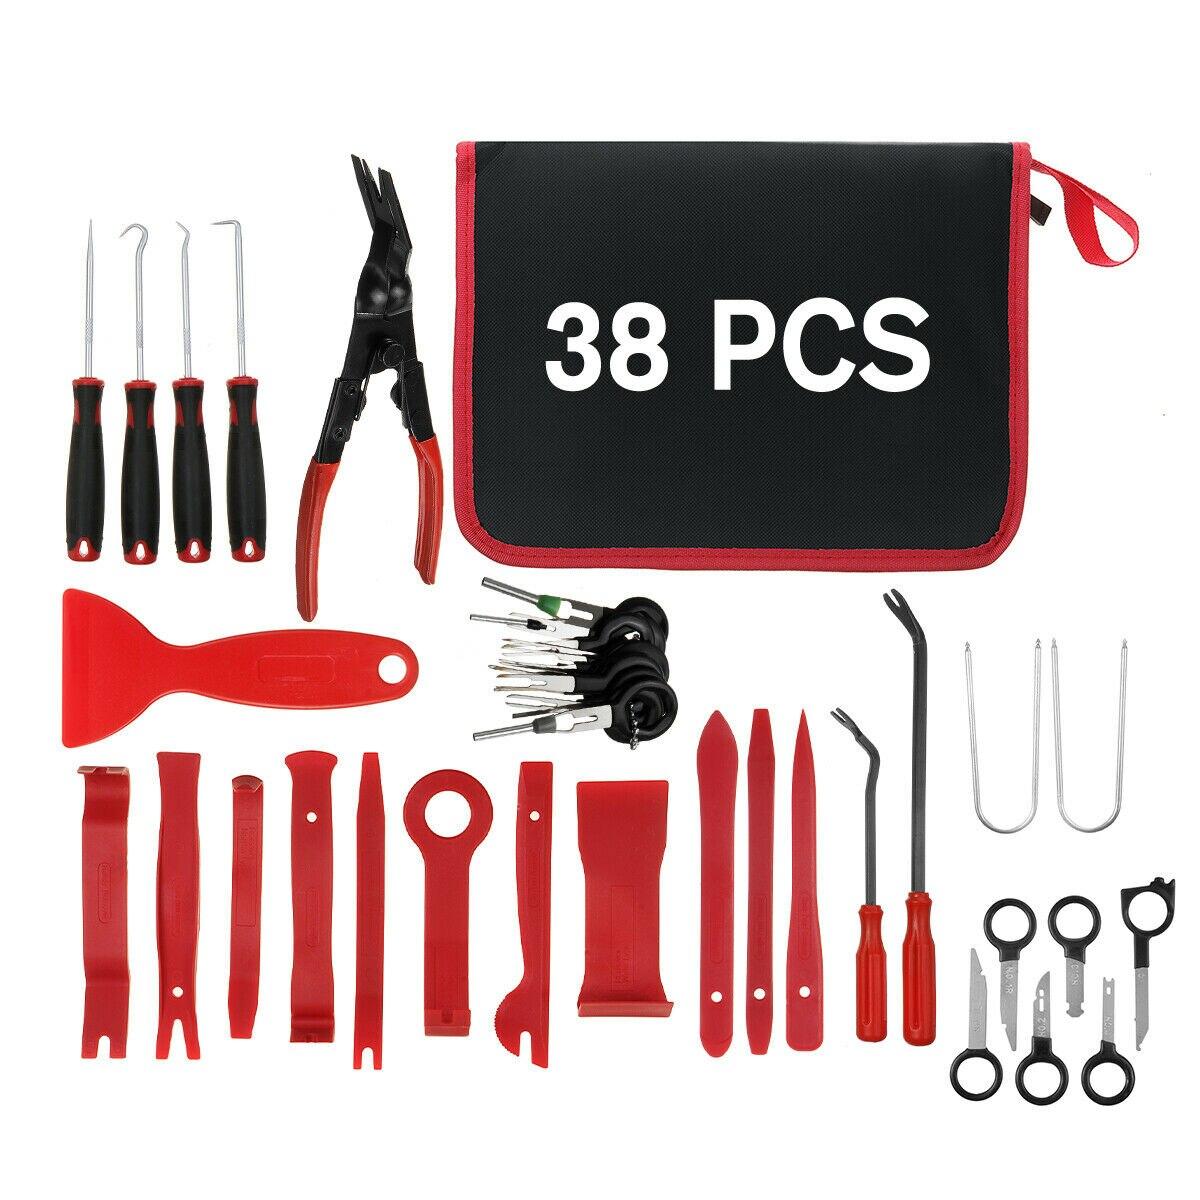 Outil de réparation Audio de voiture, 38 pièces, Clip intérieur de porte, panneau de garniture, outil de démontage intérieur automatique, outil de démontage de levier de voiture